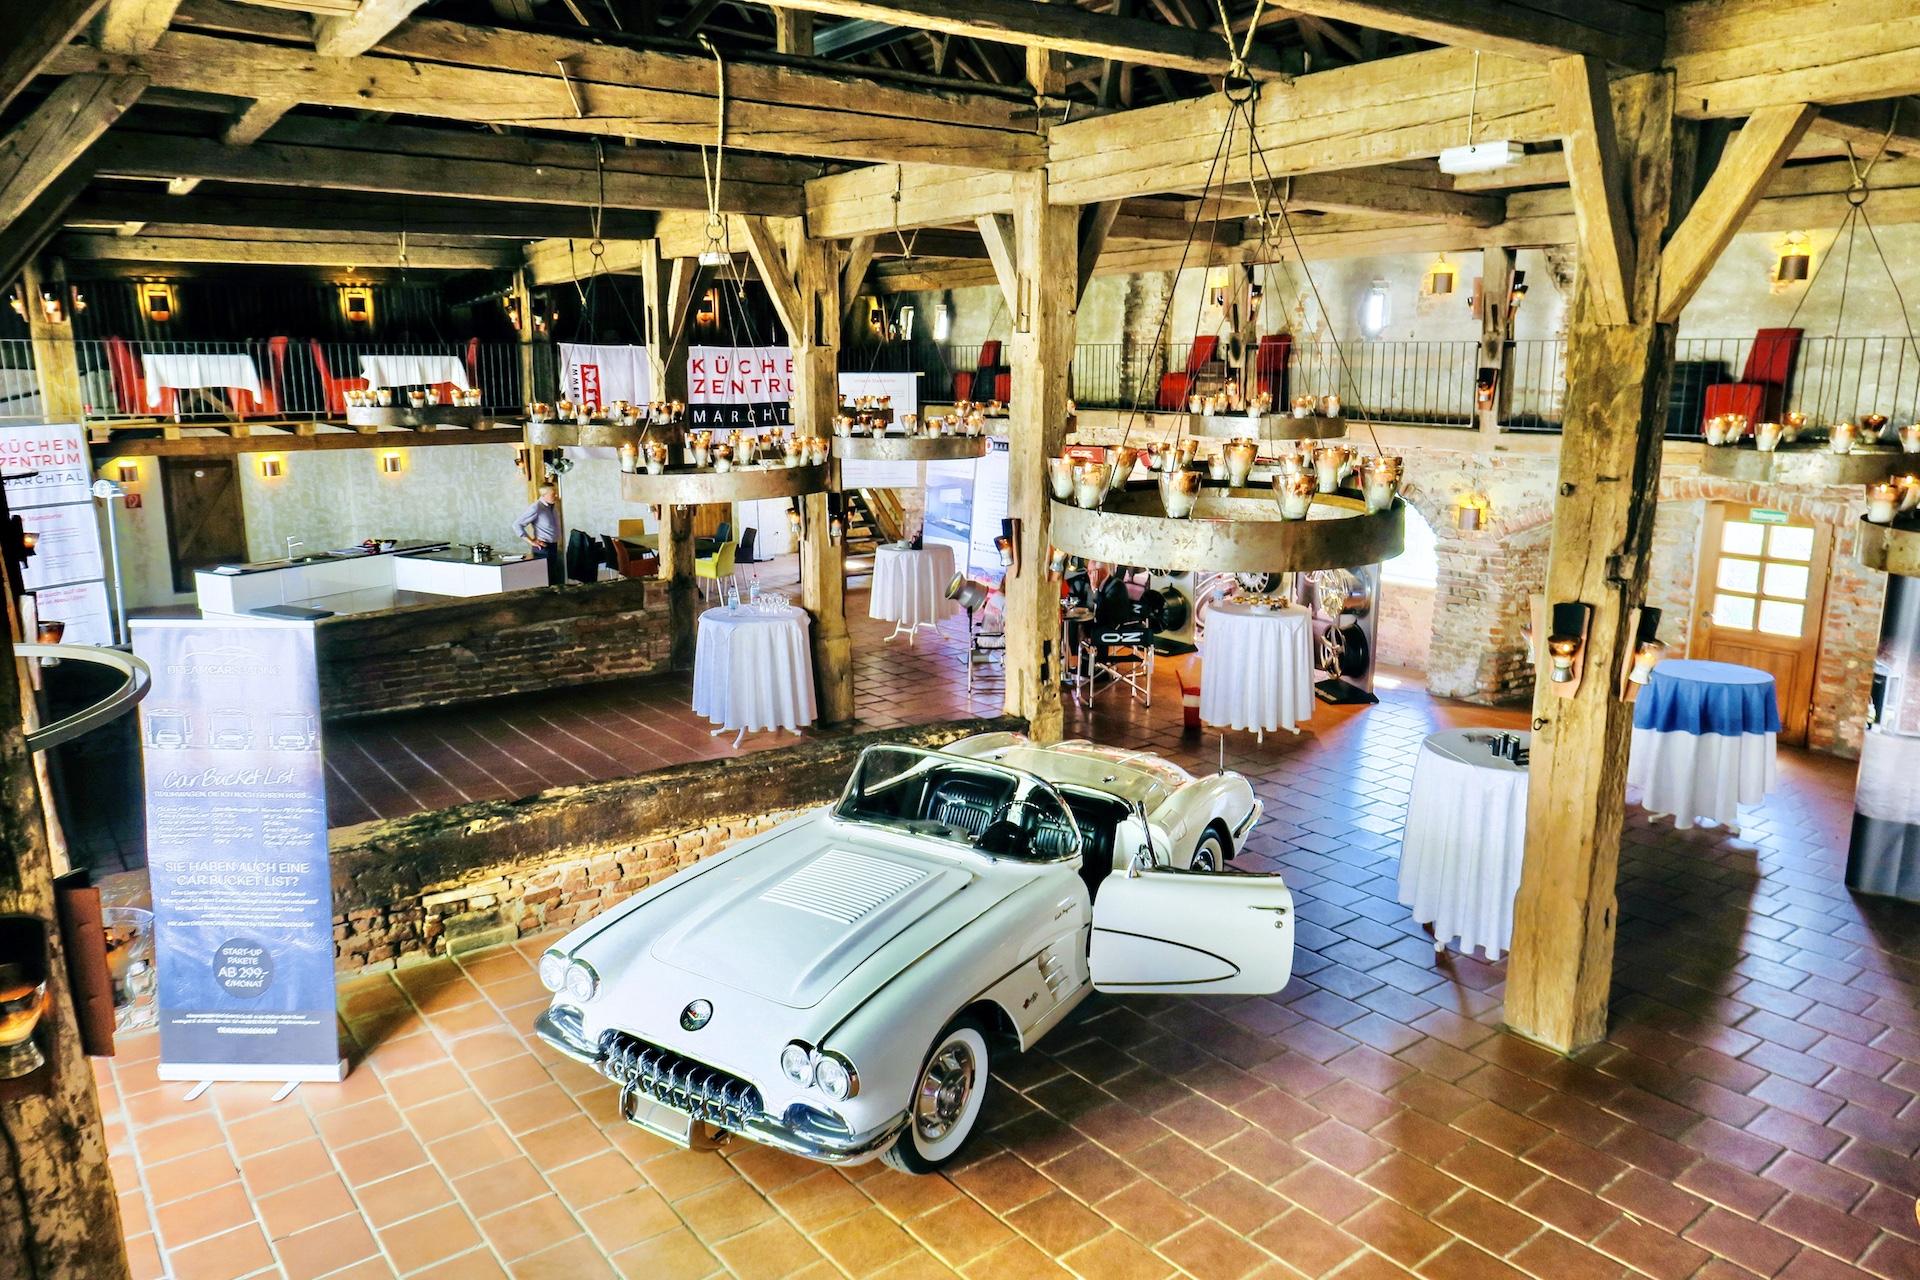 Schloss Neuburg - Schloss Stadel, Messe, Ausstellung, Auto, Autoausstellung